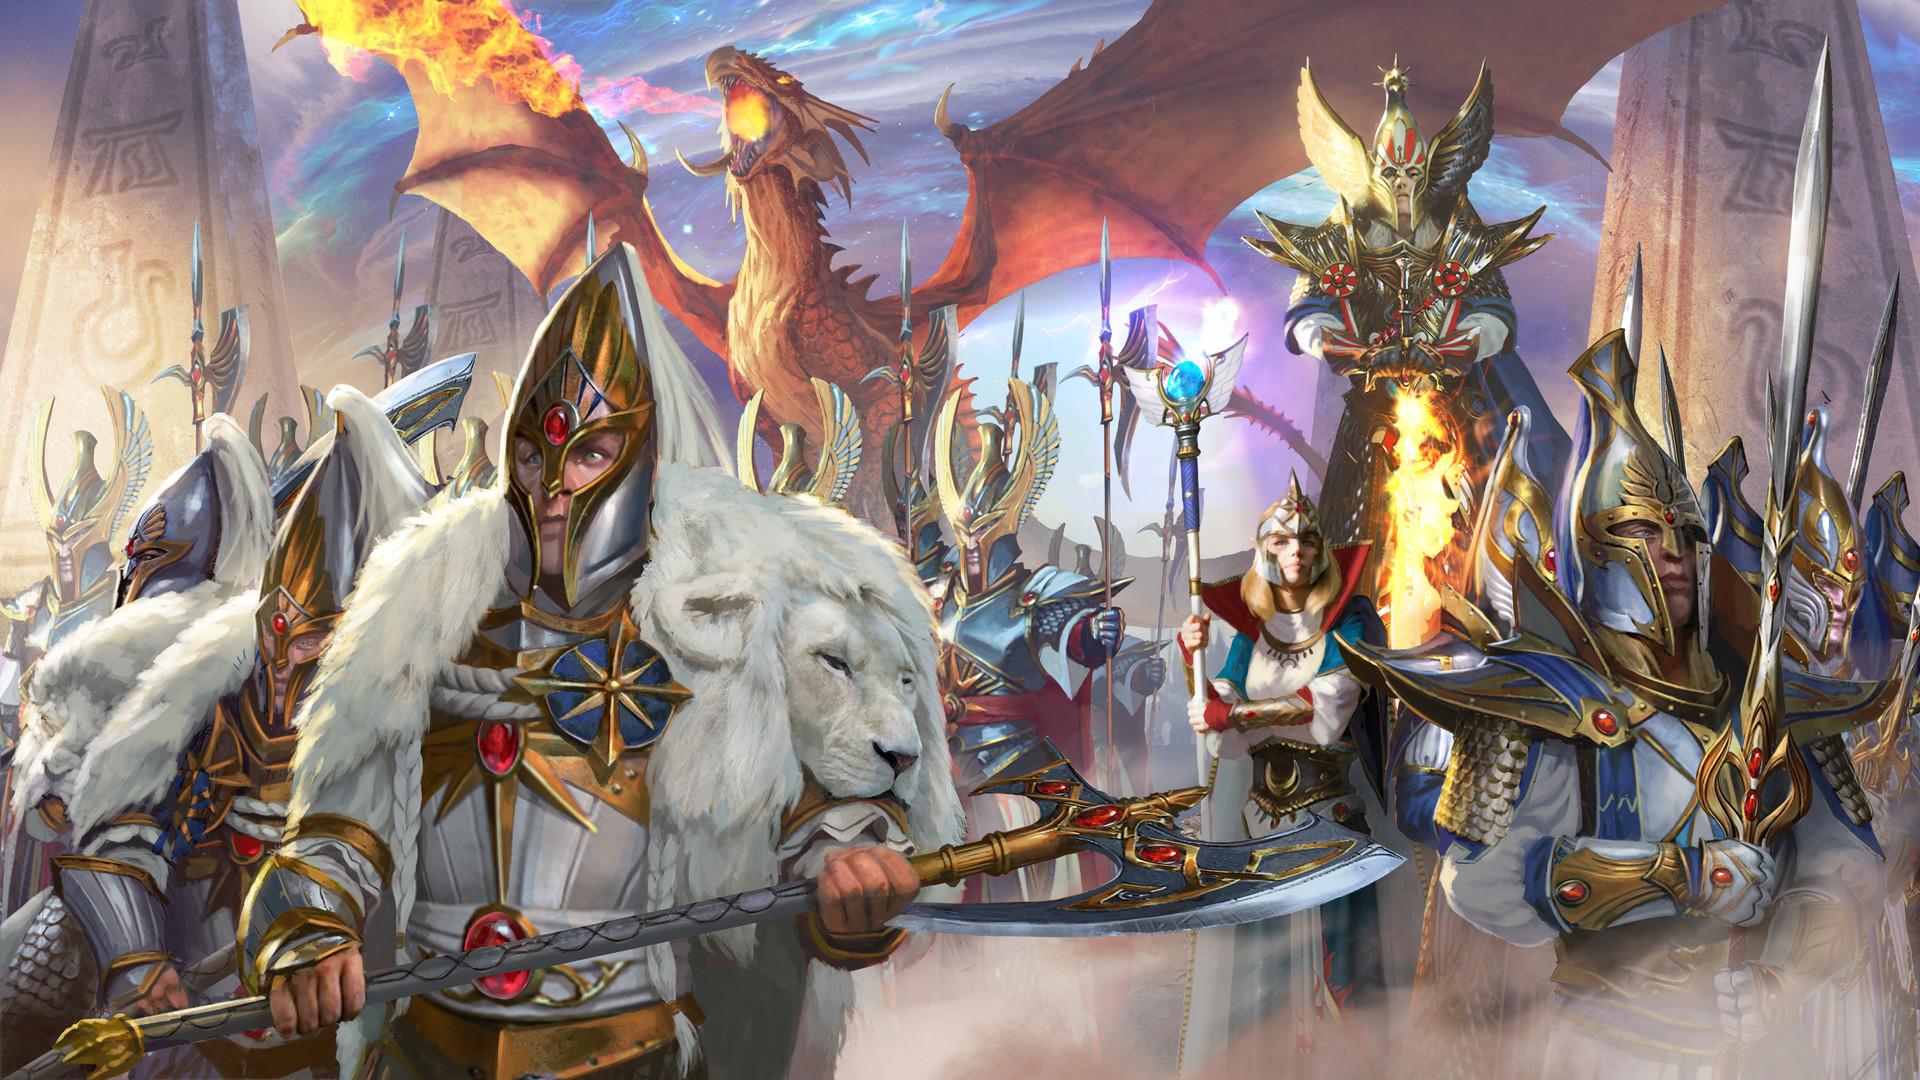 Total War Warhammer Wallpaper Hd Diego Gisbert Llorens Total War Warhammer 2 High Elves